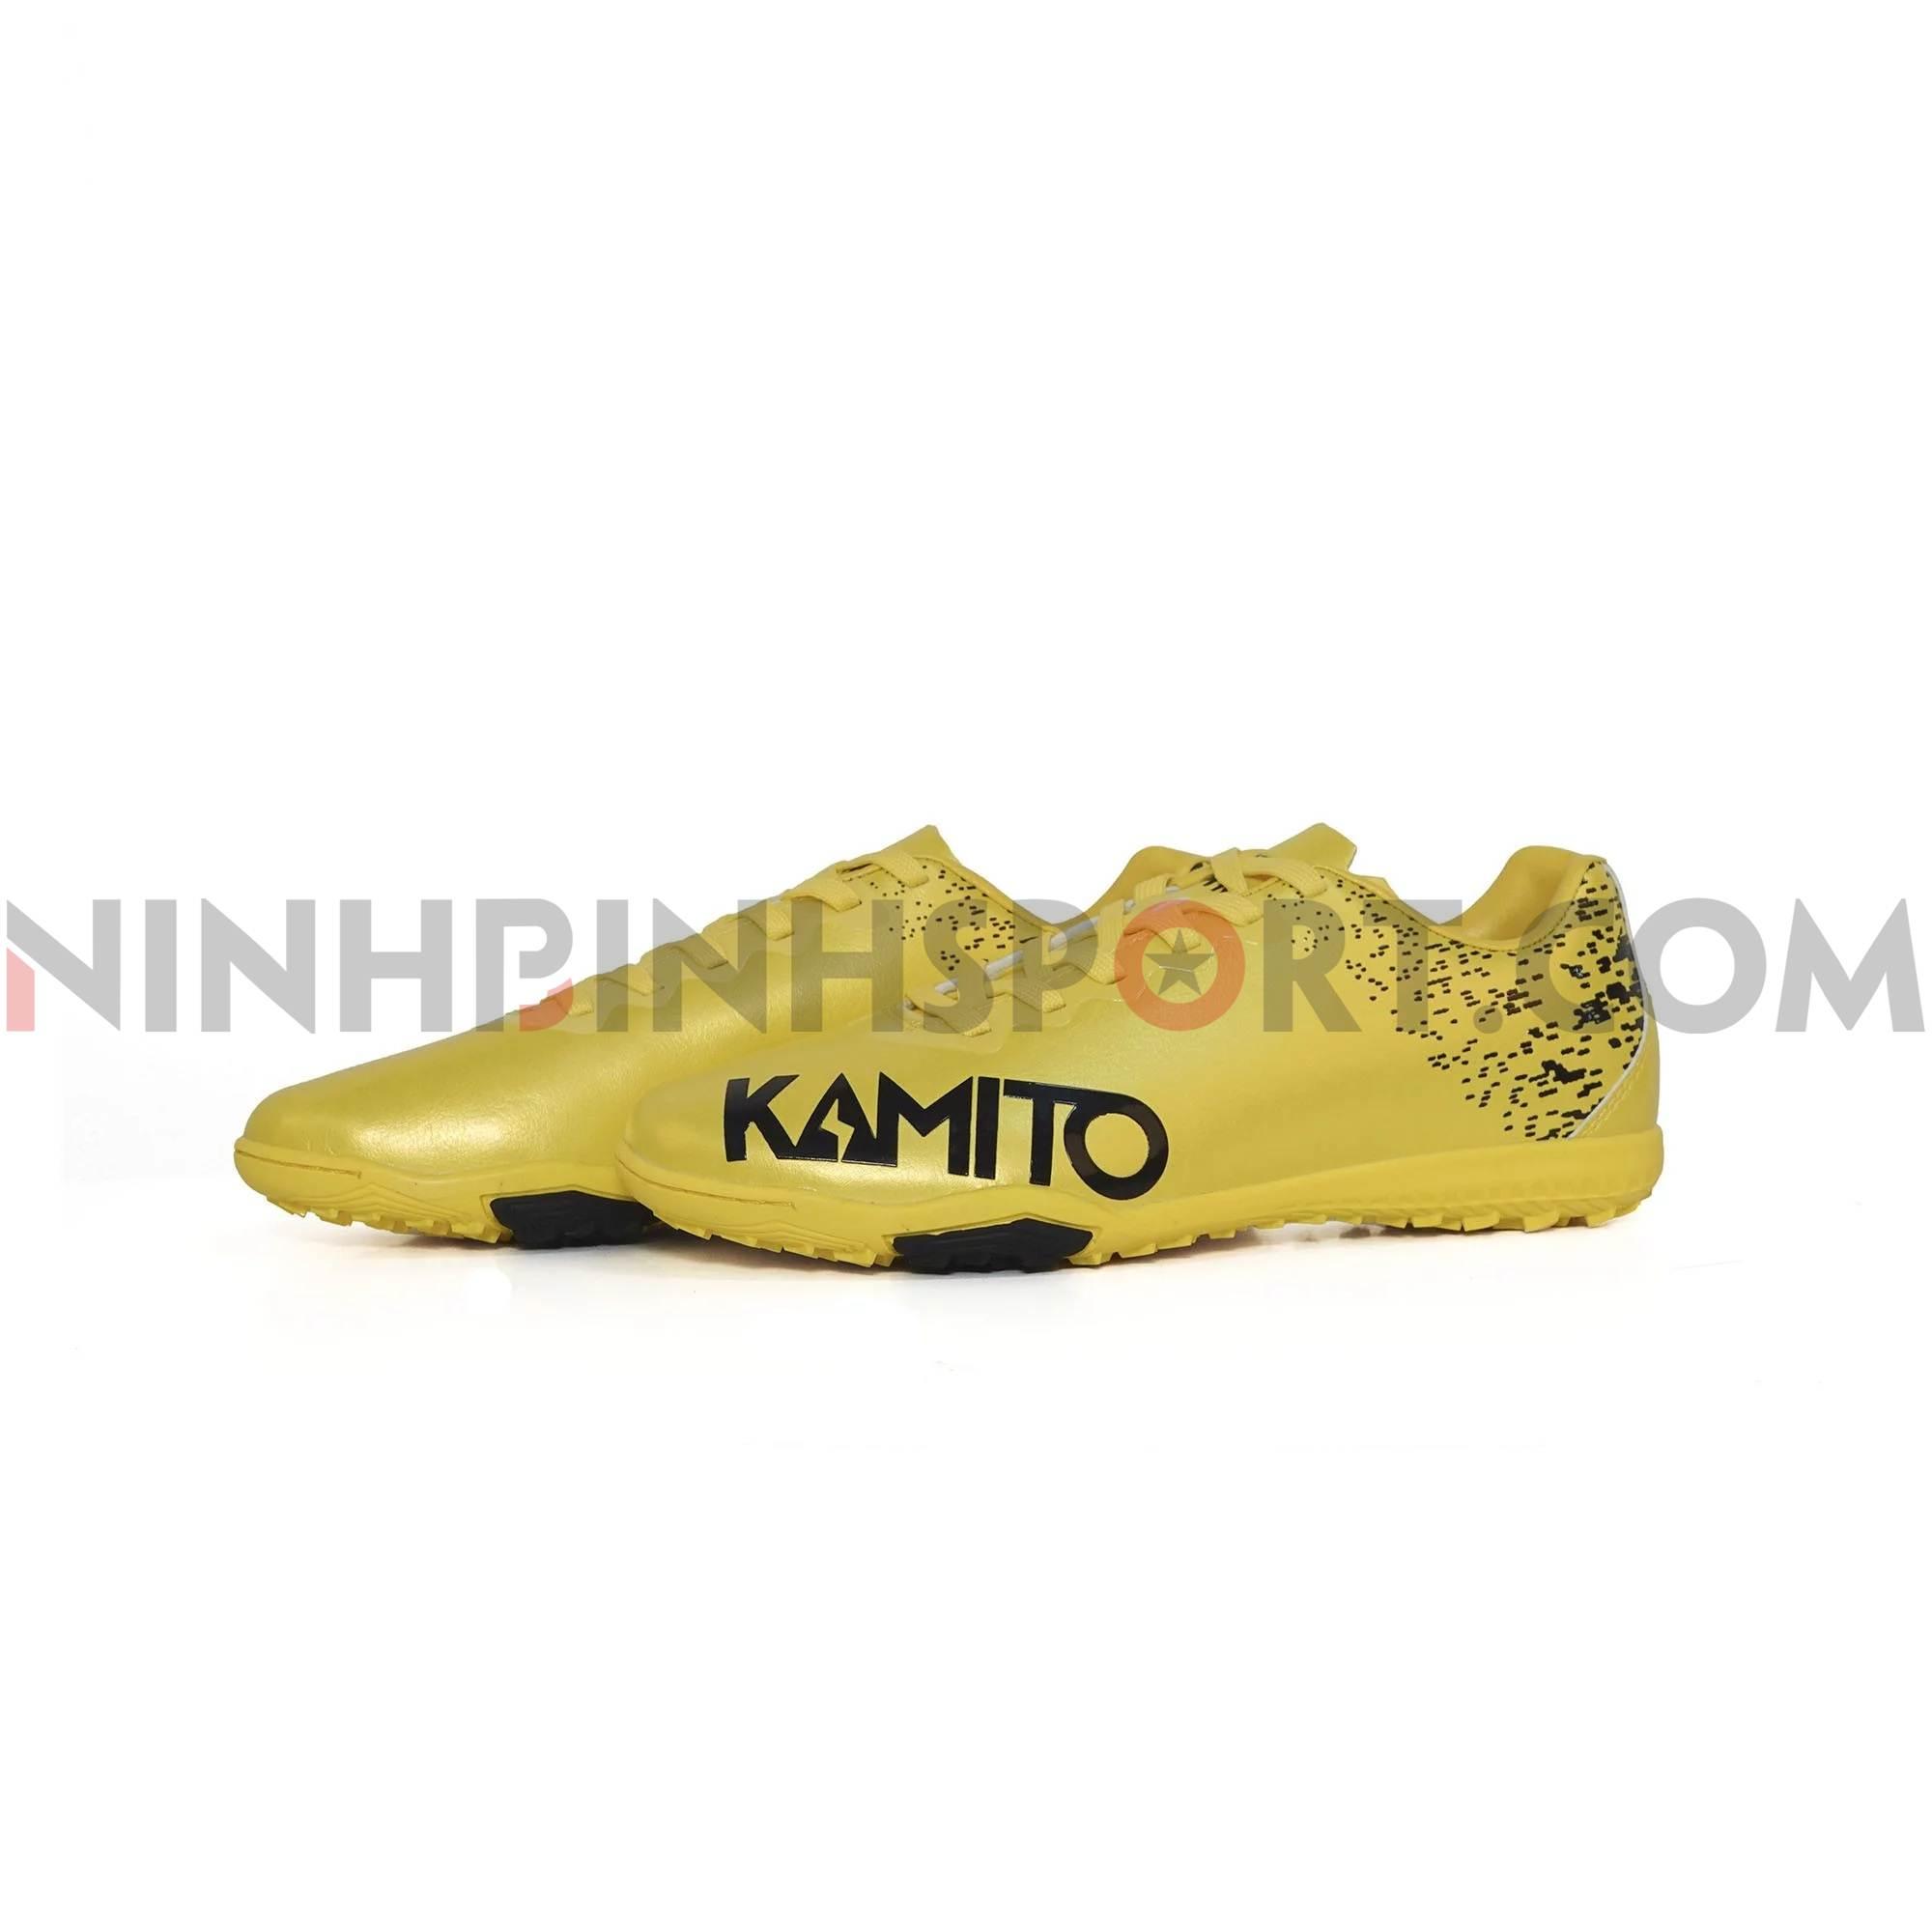 Giầy bóng đá nam Kamito Sevila F19802